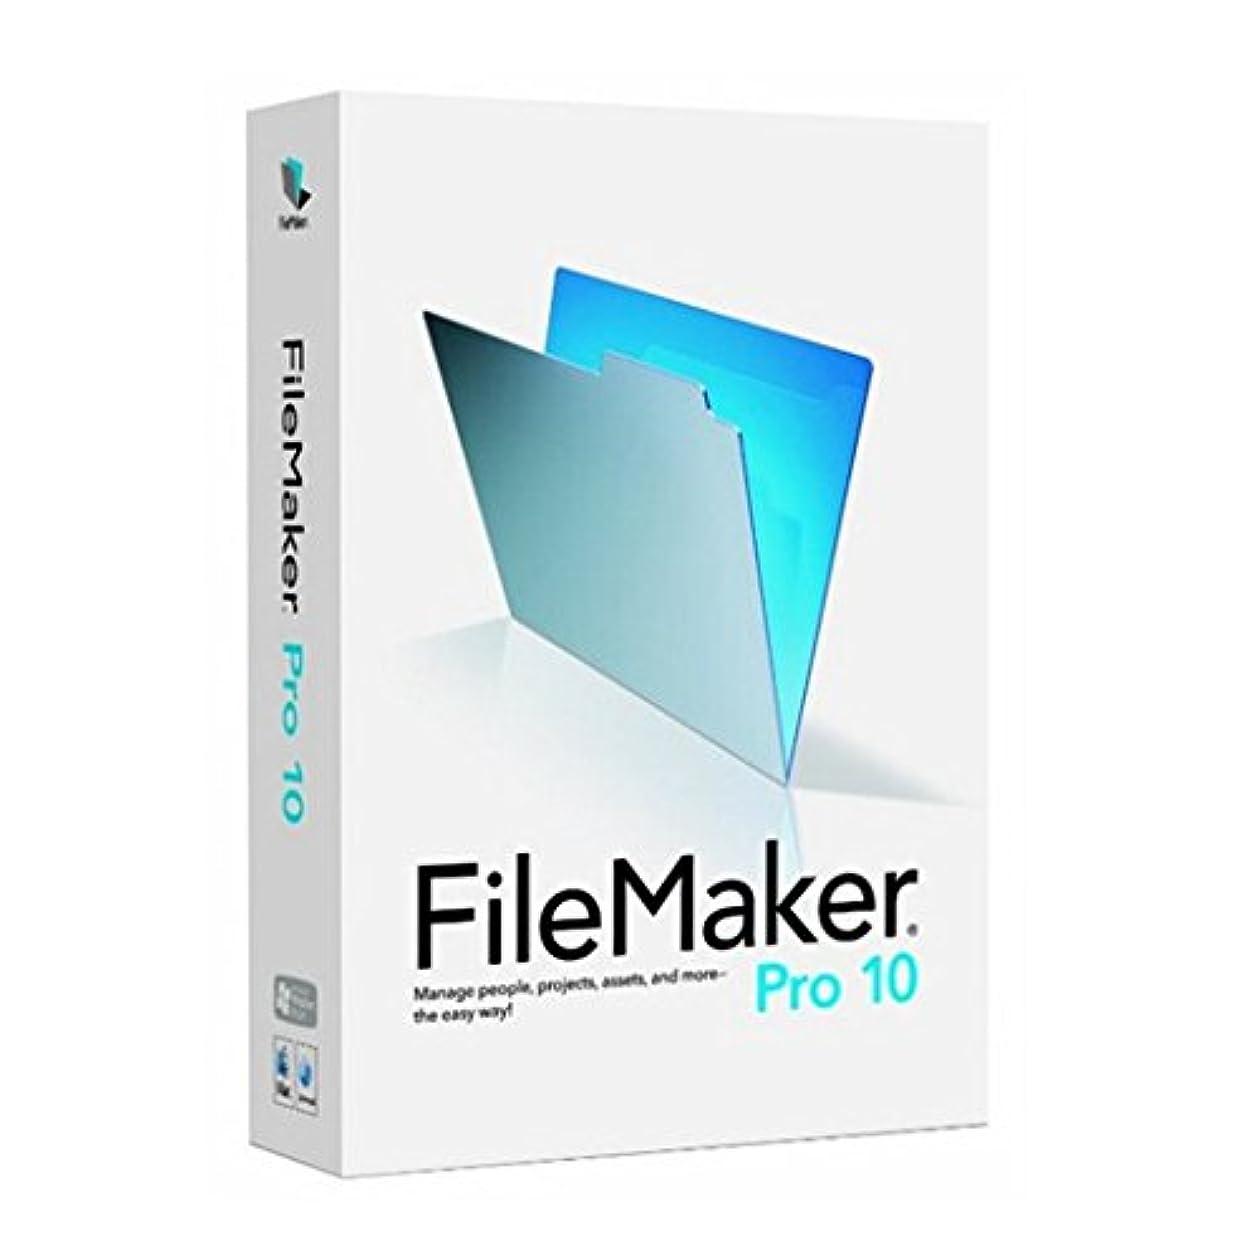 理解するマンハッタン分割FileMaker PRO 10 簡易パック版 日本語完全対応